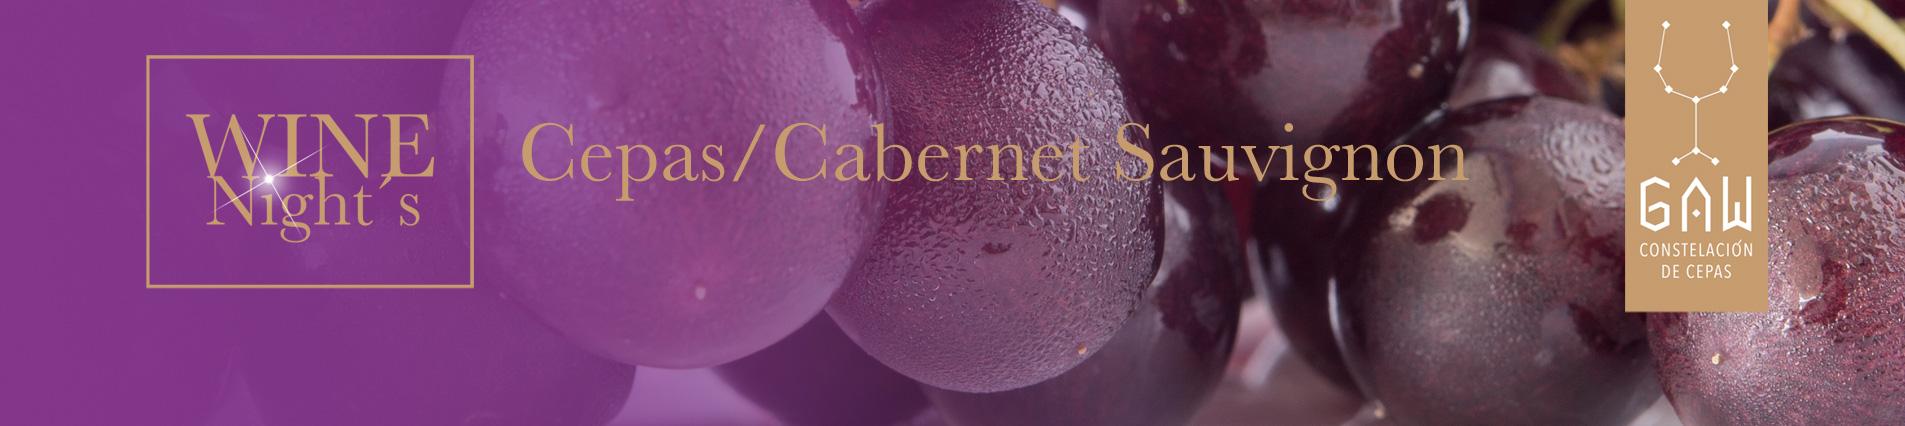 Cepas Cabernet Sauvignon